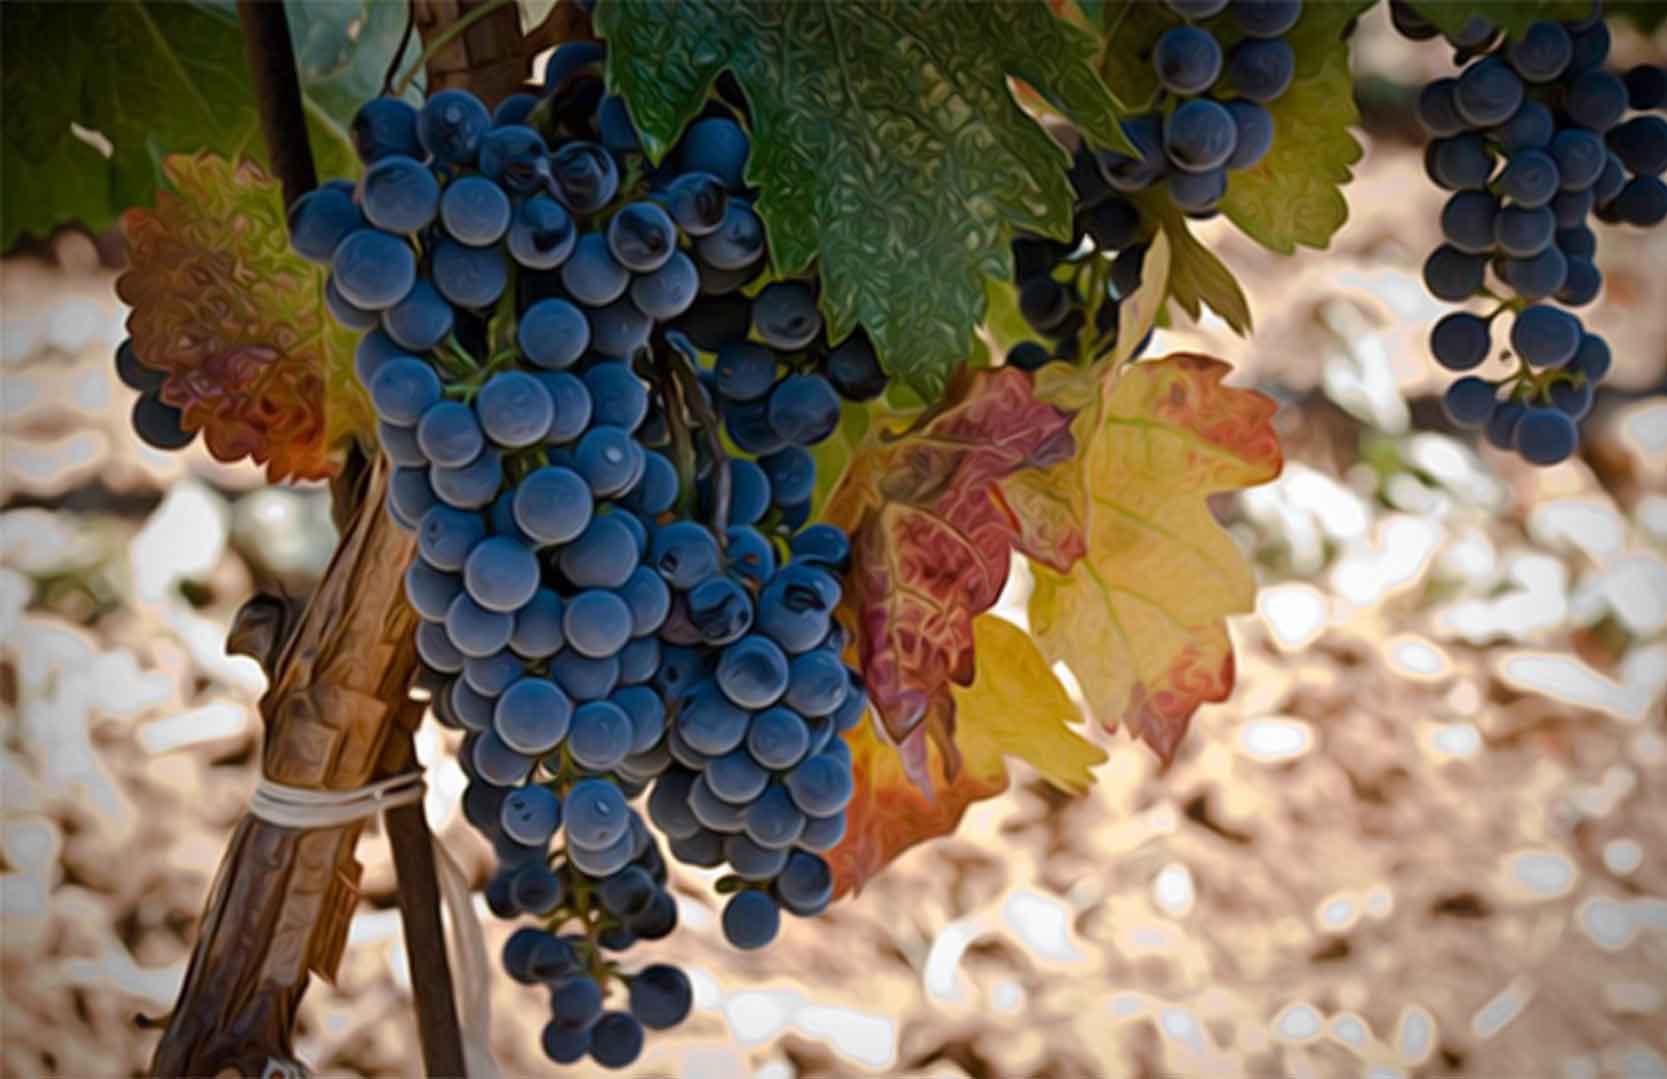 libanesische Weintrauben aus der Bekaa Ebene